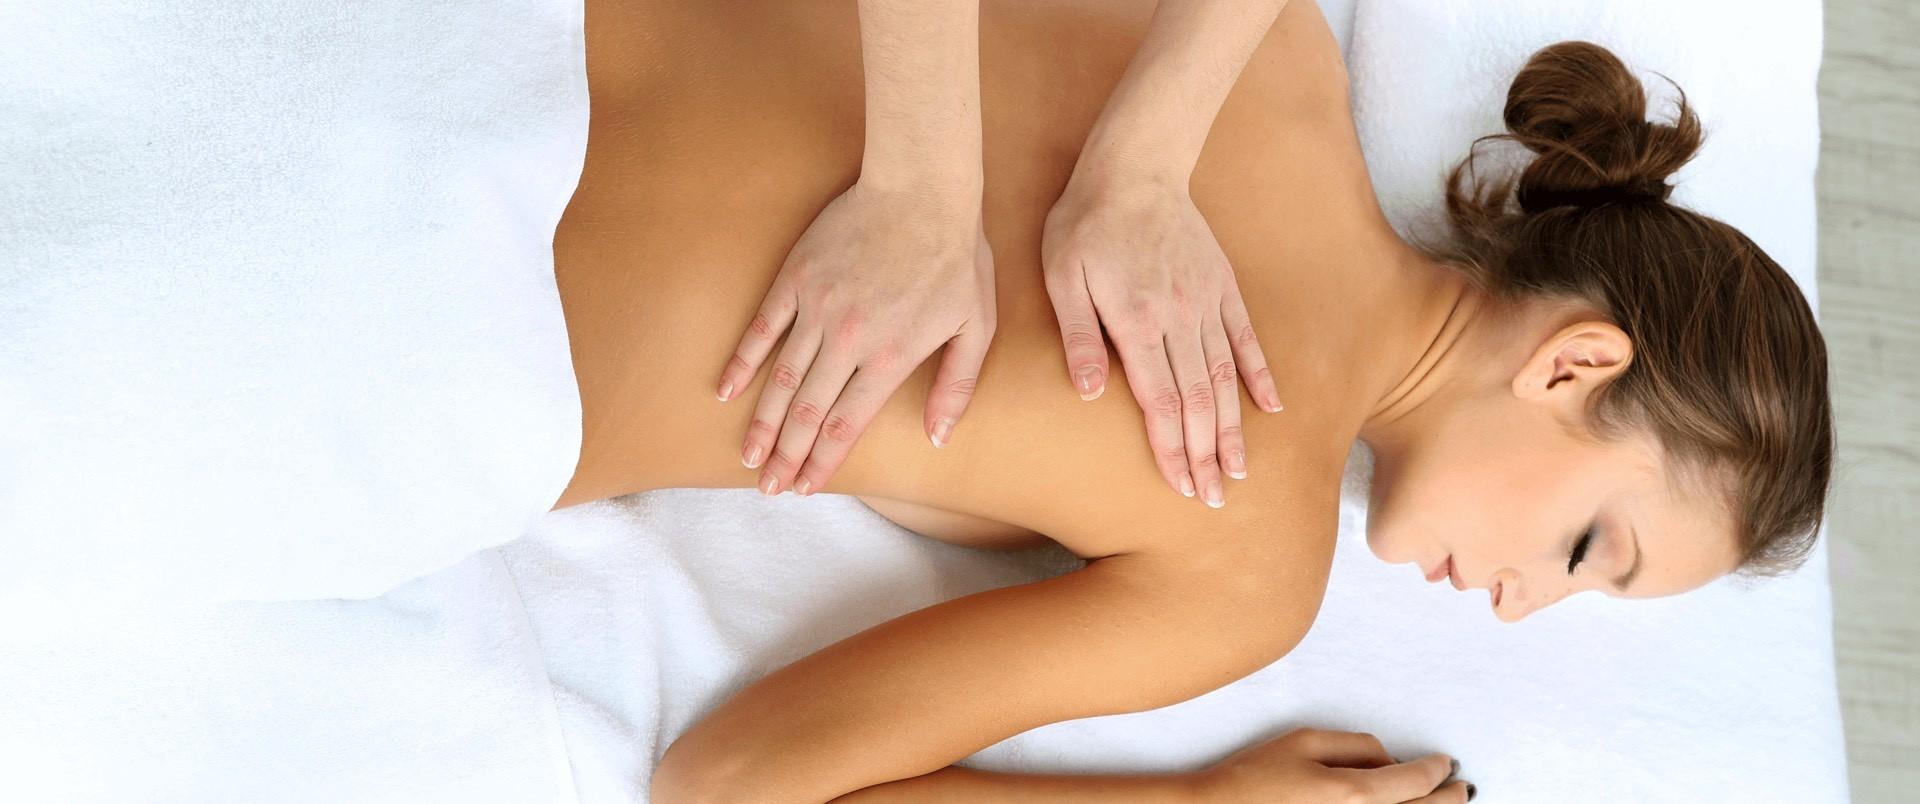 Gabinet masażu - masaż leczniczy